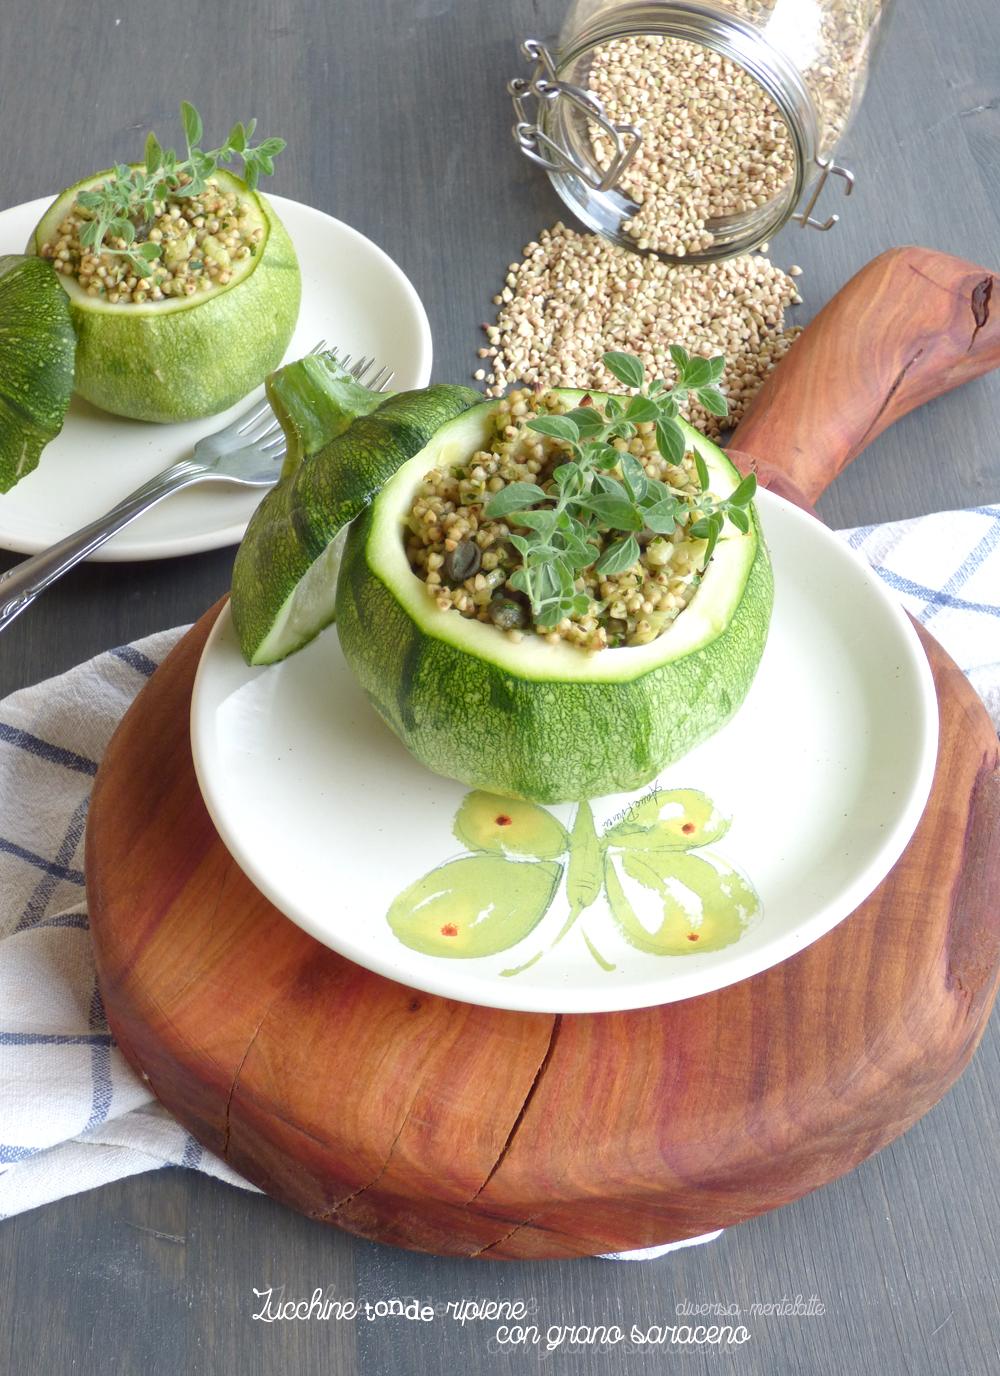 zucchine tonde ripiene con grano saraceno